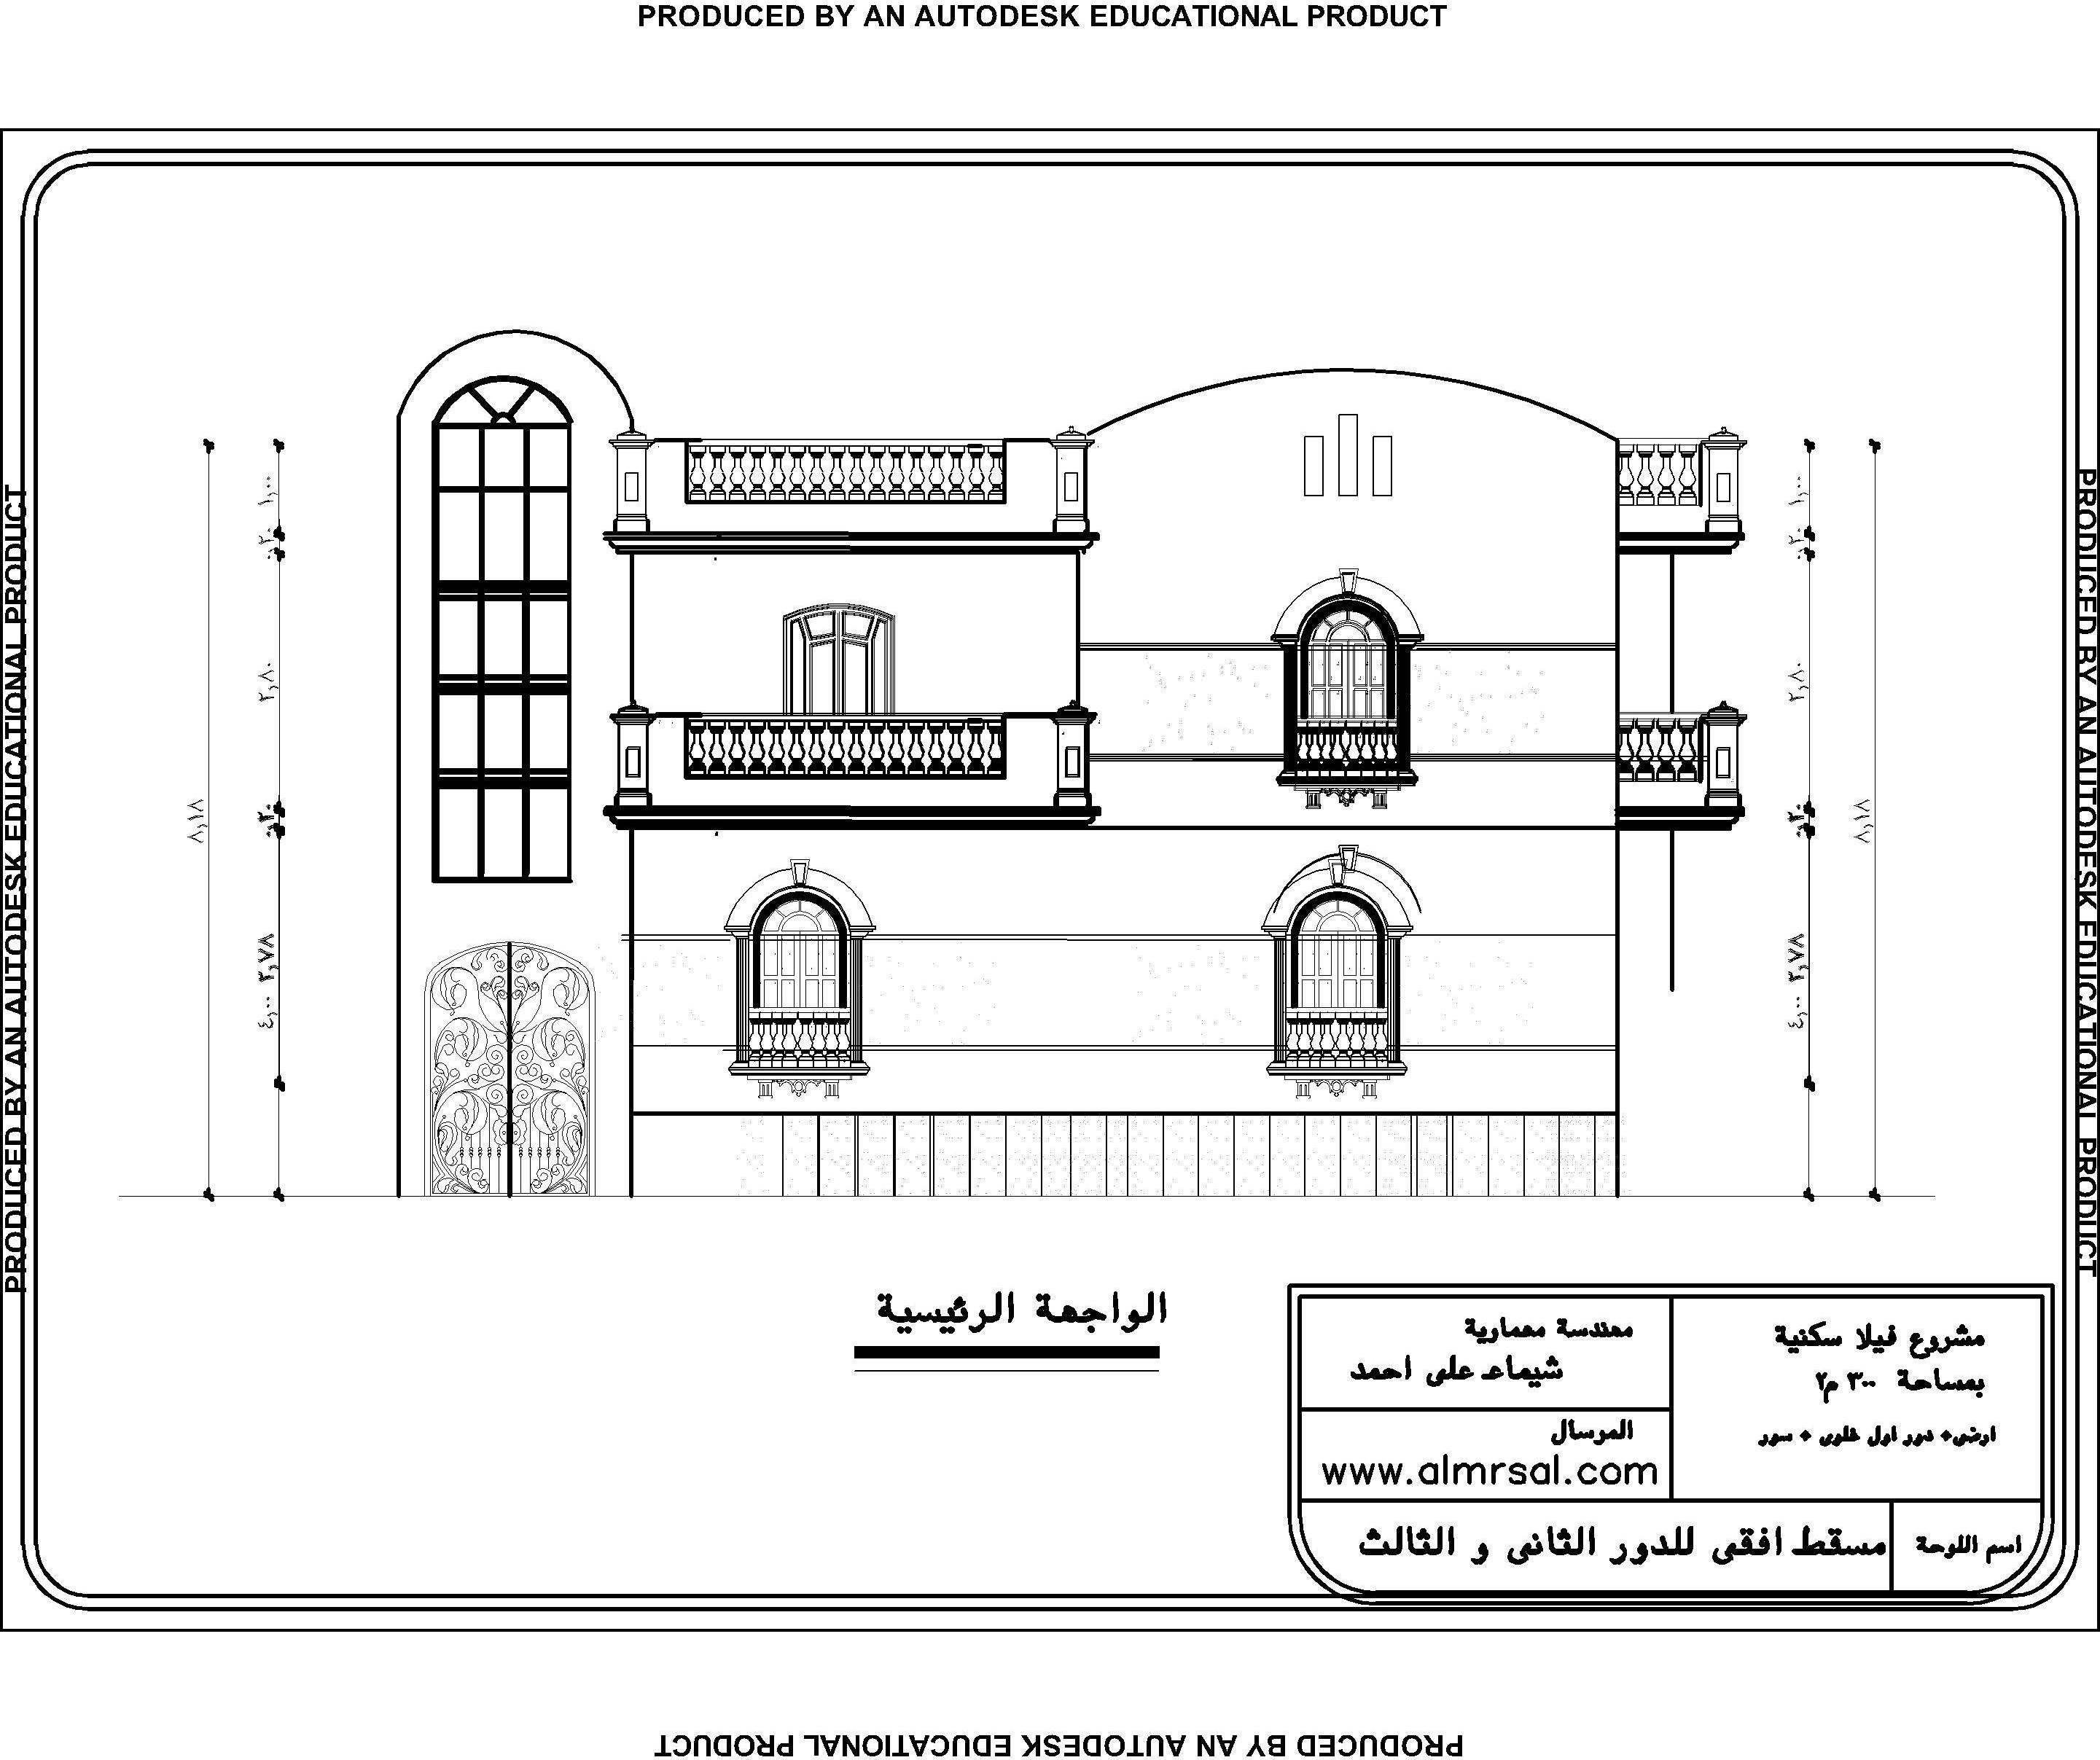 الواجهة الرئيسية لفيلا سكنية 300م2